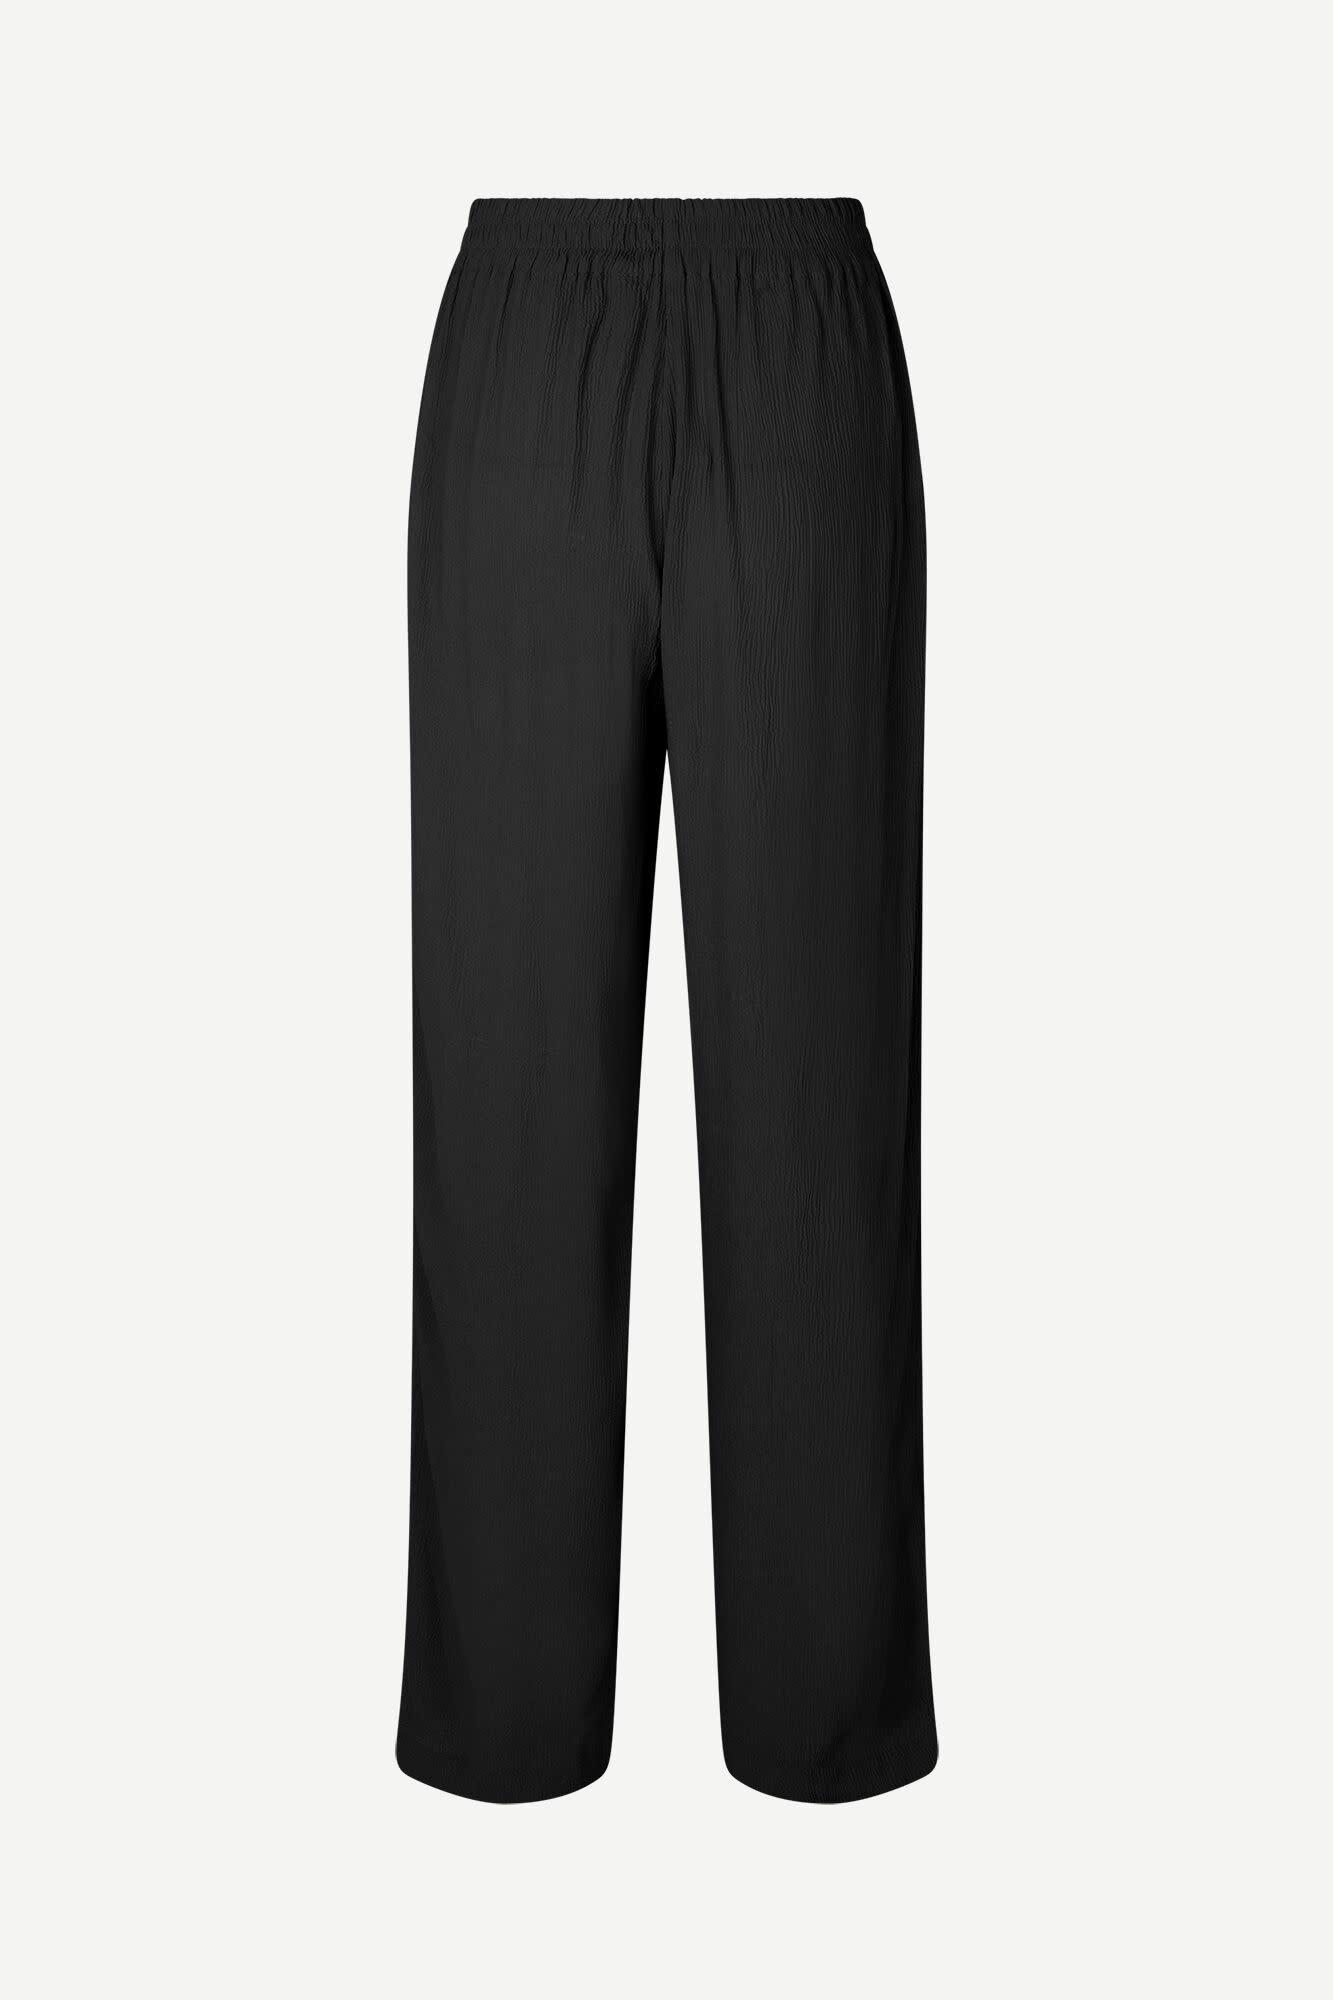 Gedione Pants Black-1